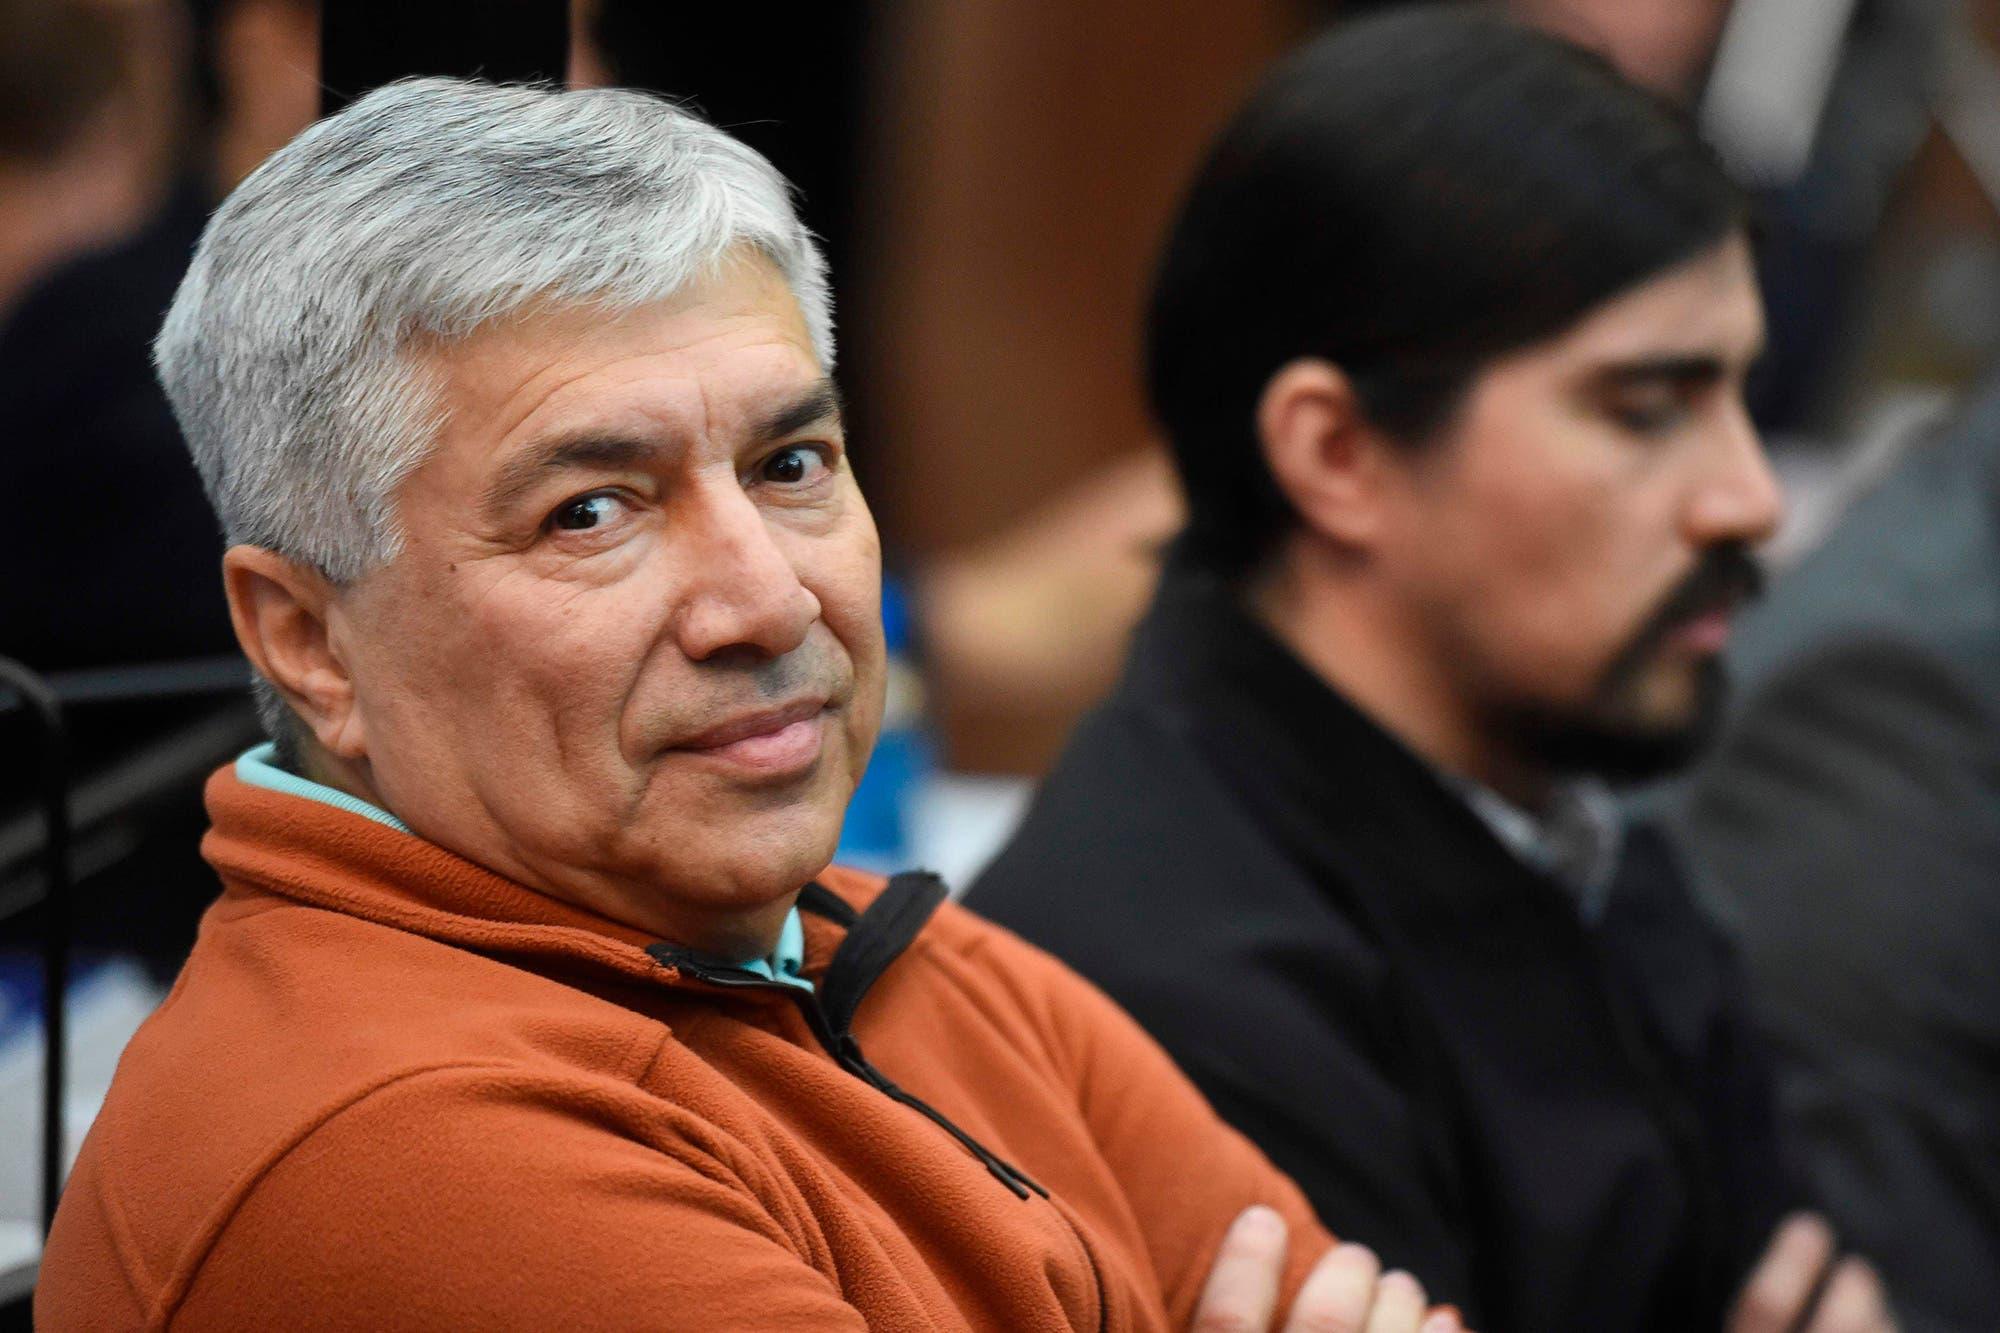 La Cámara de Casación rechazó la excarcelación de Martín Báez en la causa por lavado